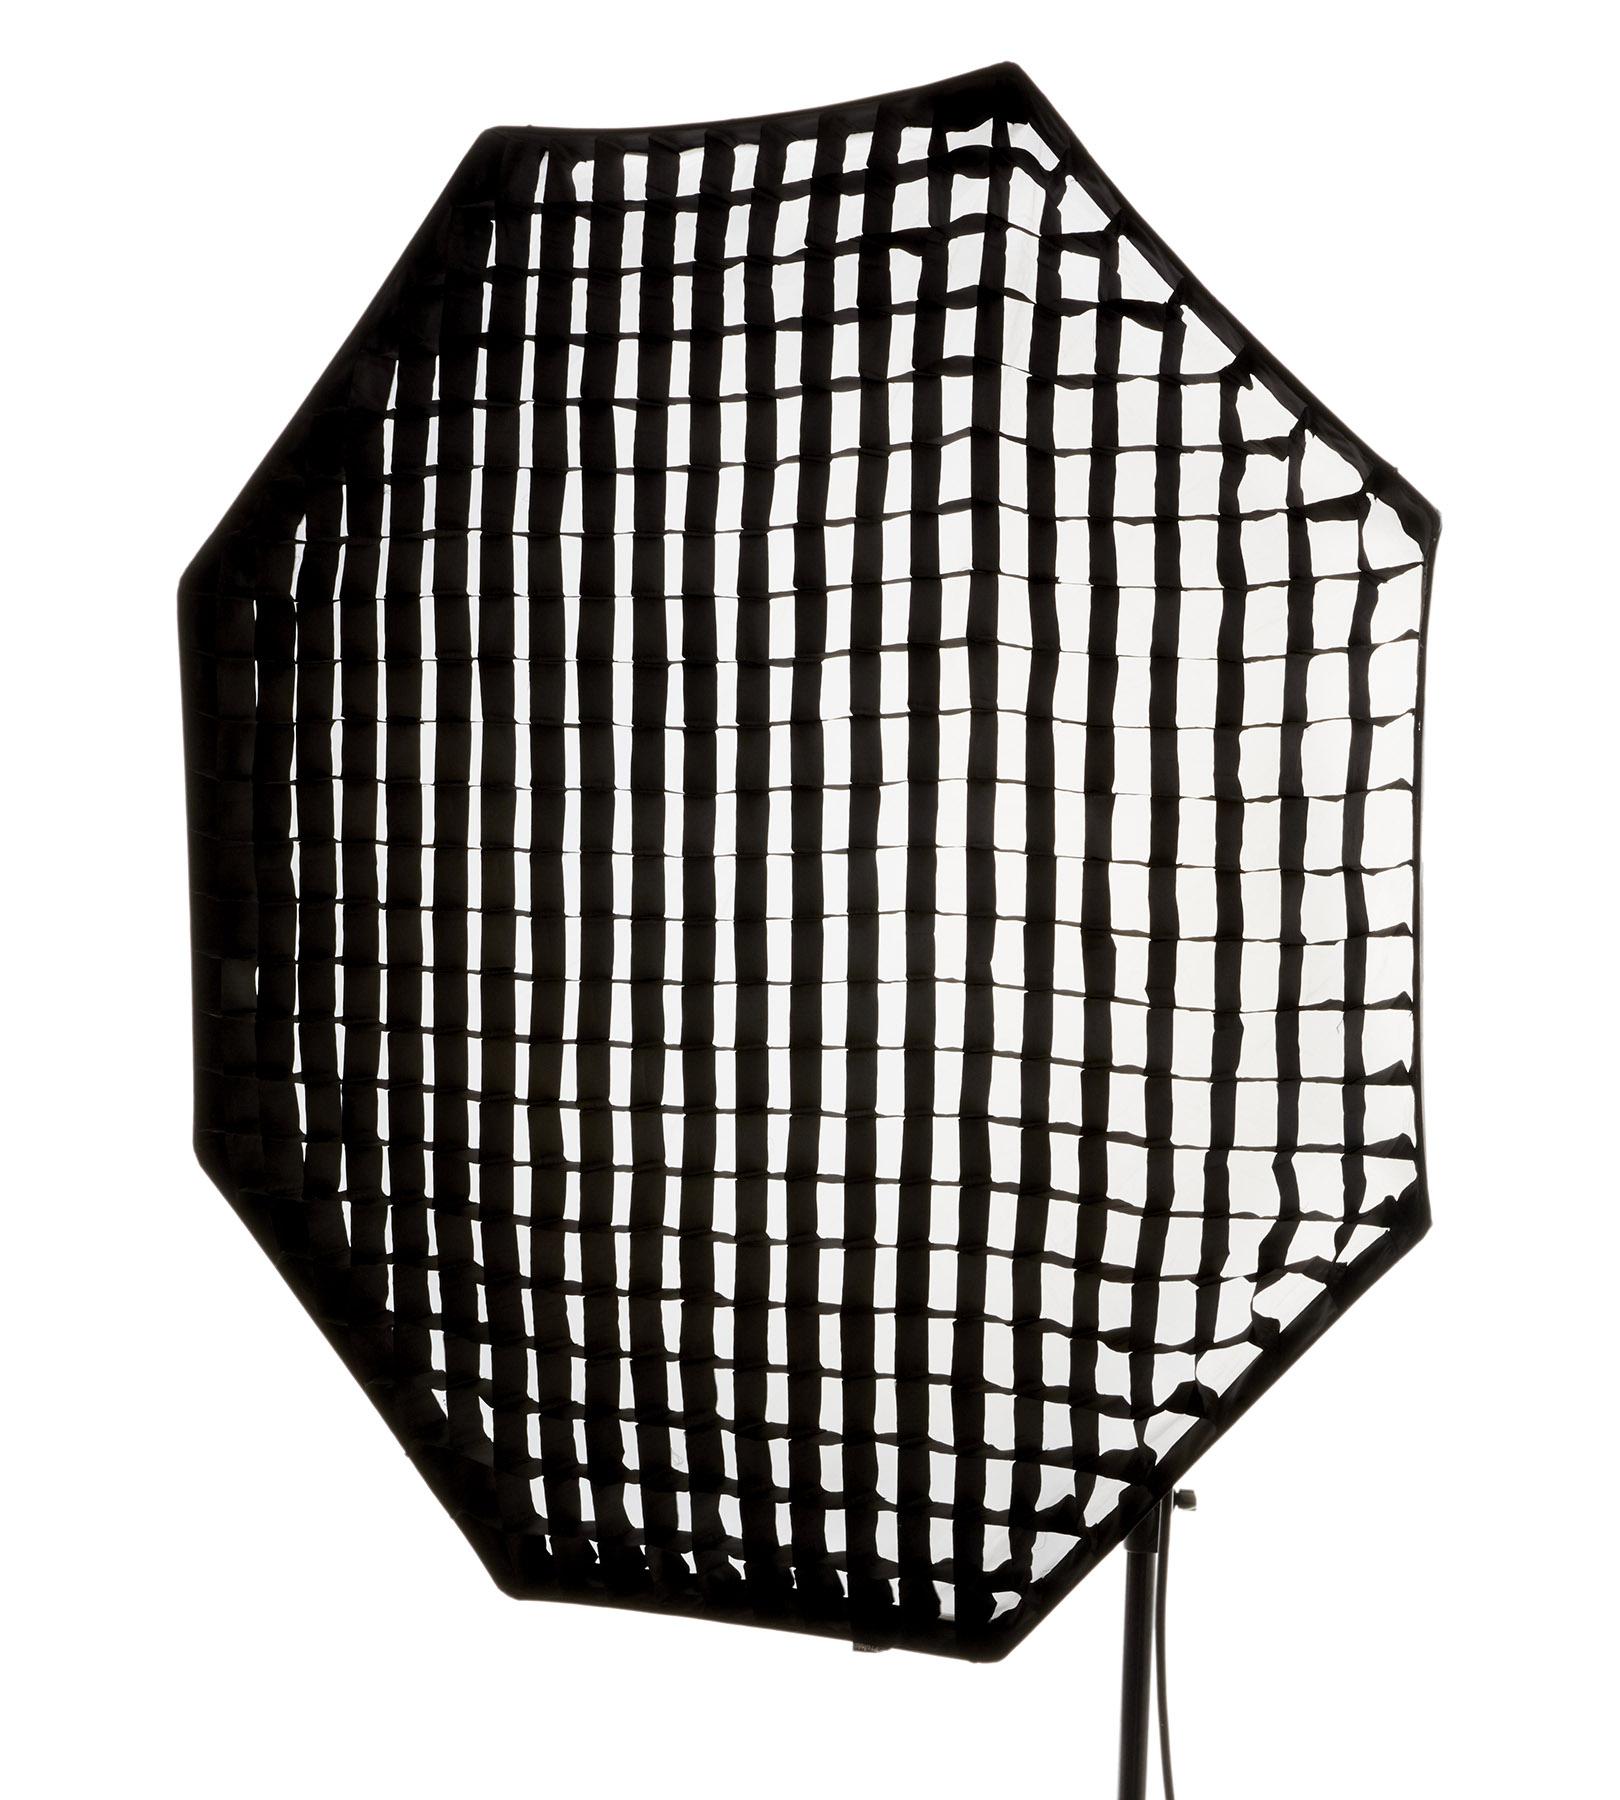 Softgrid 50˚para Octa 5' RFi (150cm)